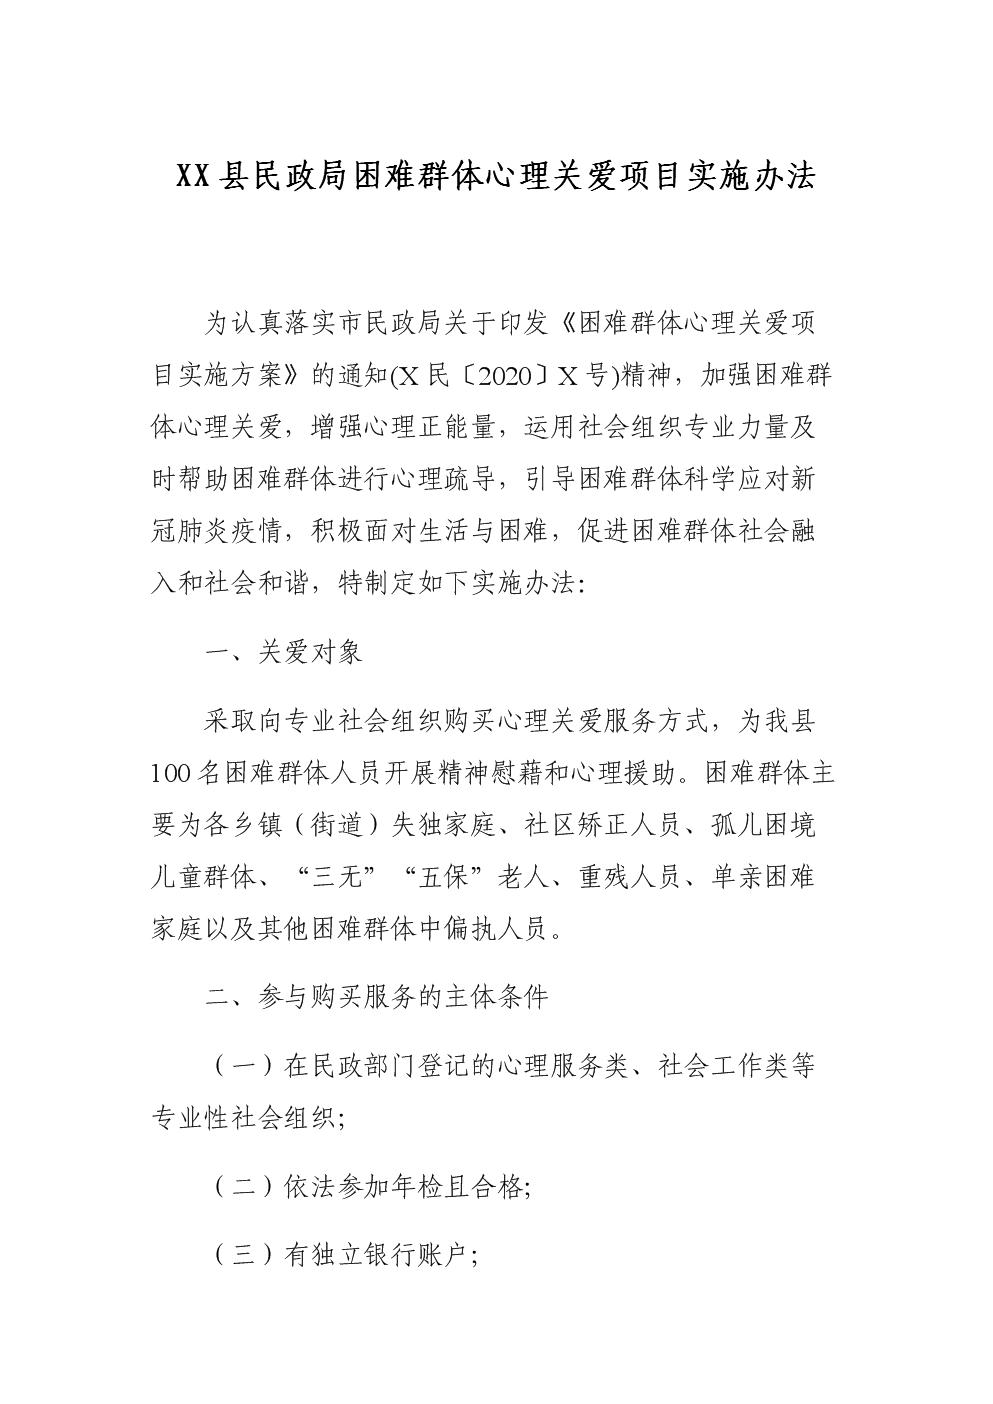 2020年县民政局困难群体心理关爱项目实施办法.docx